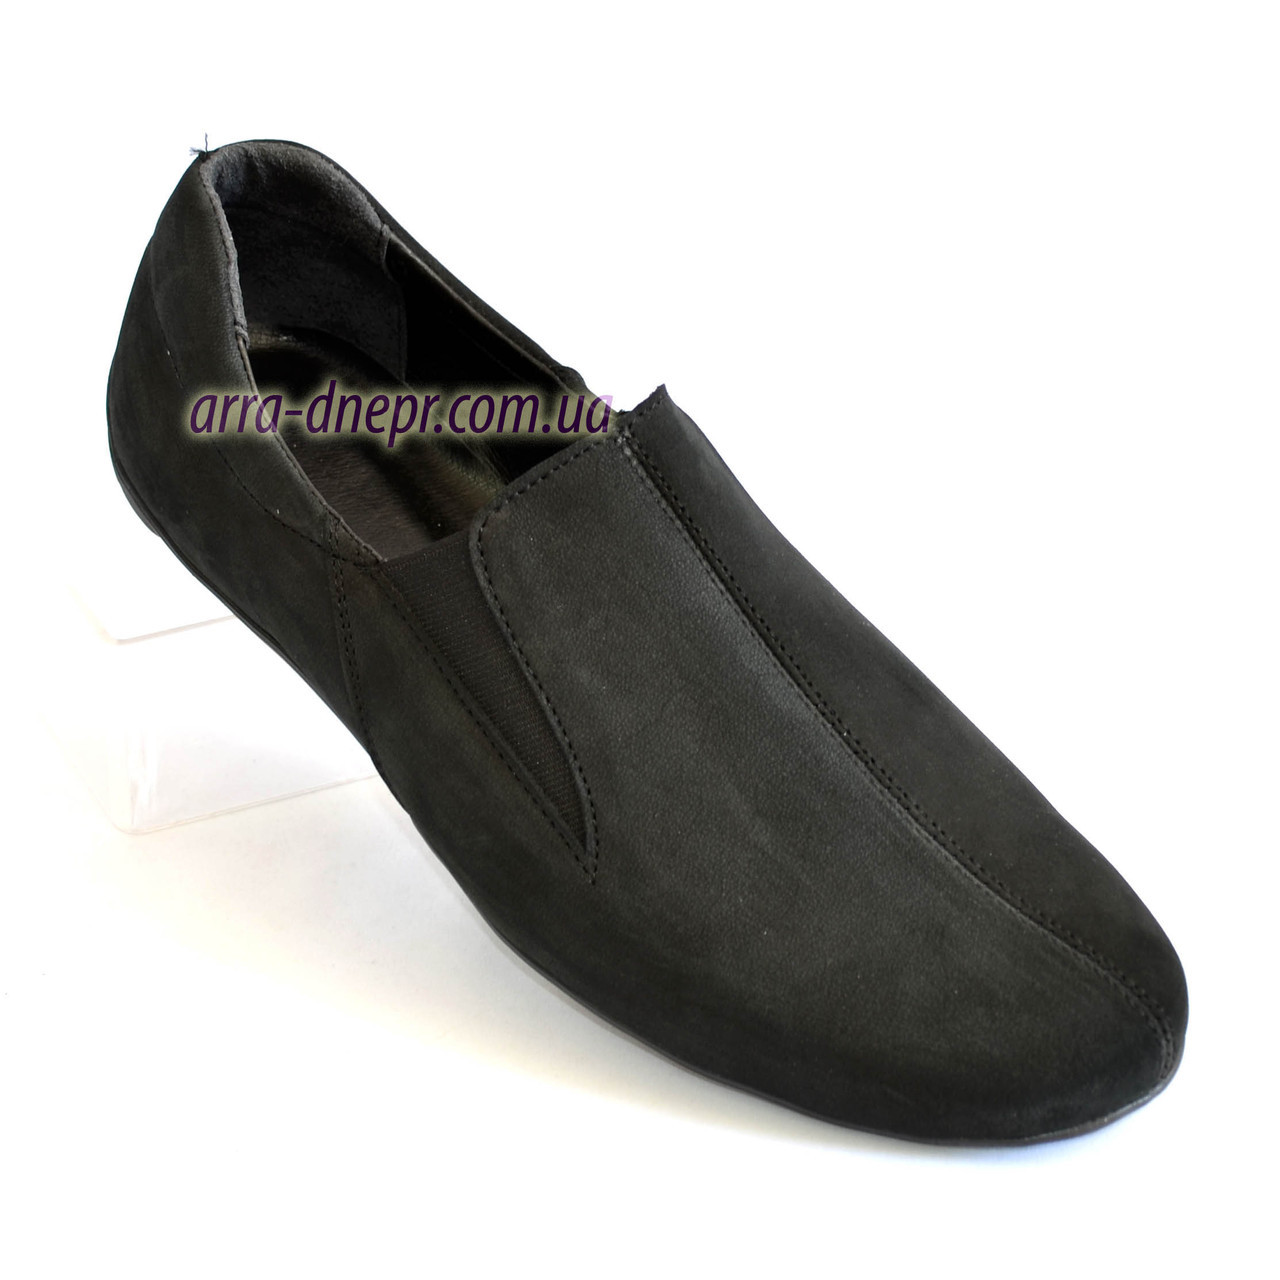 Туфли-мокасины мужские, цвет черный.